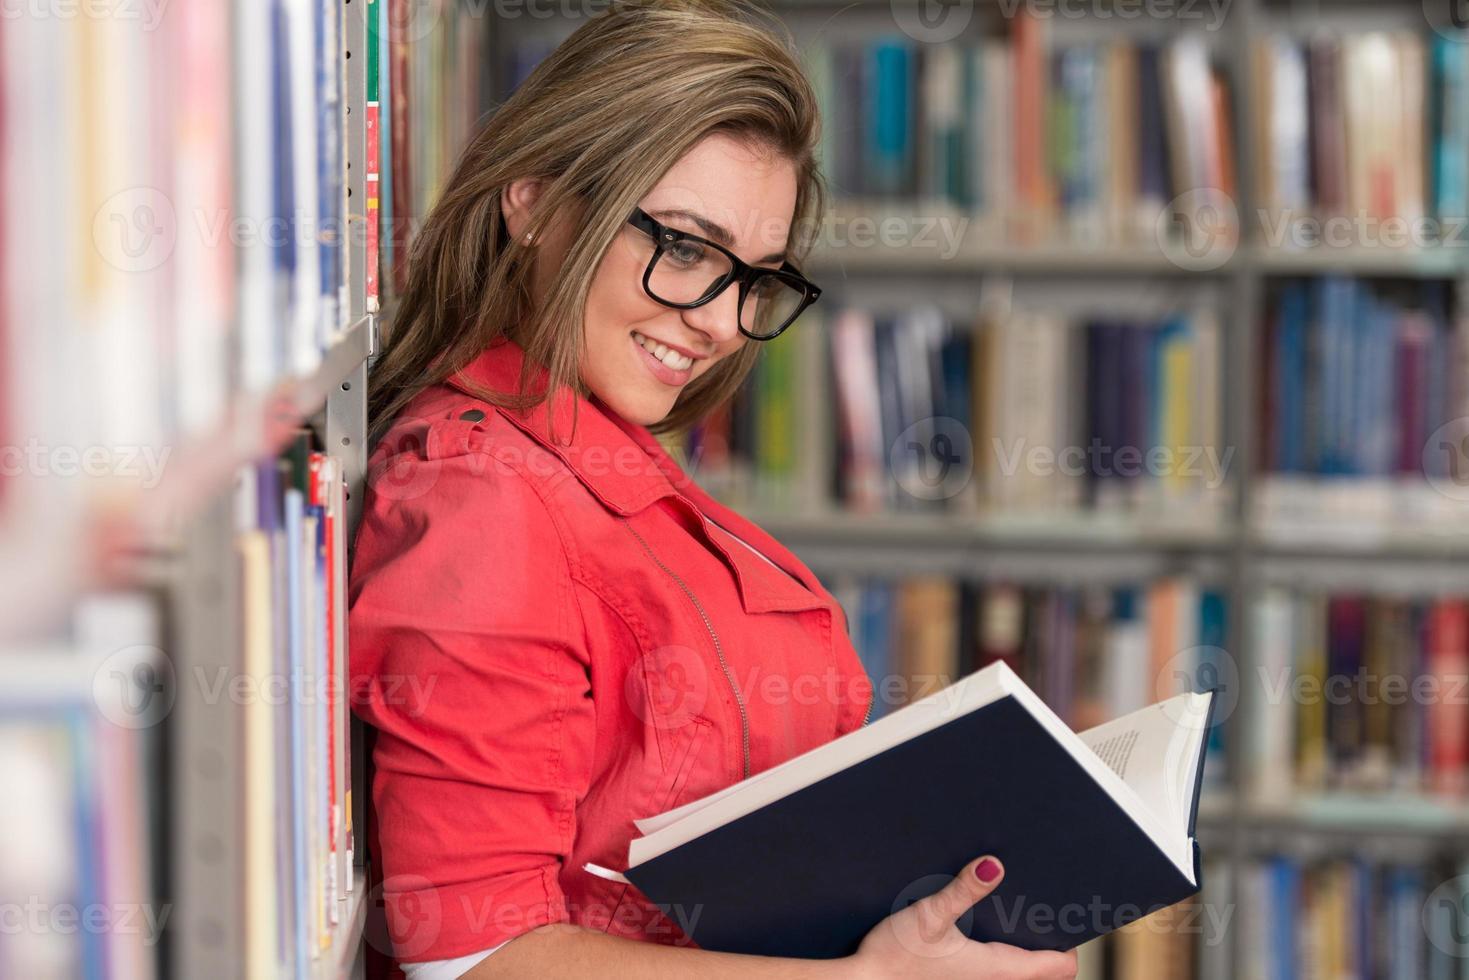 schöne Studentin in einer Universitätsbibliothek foto